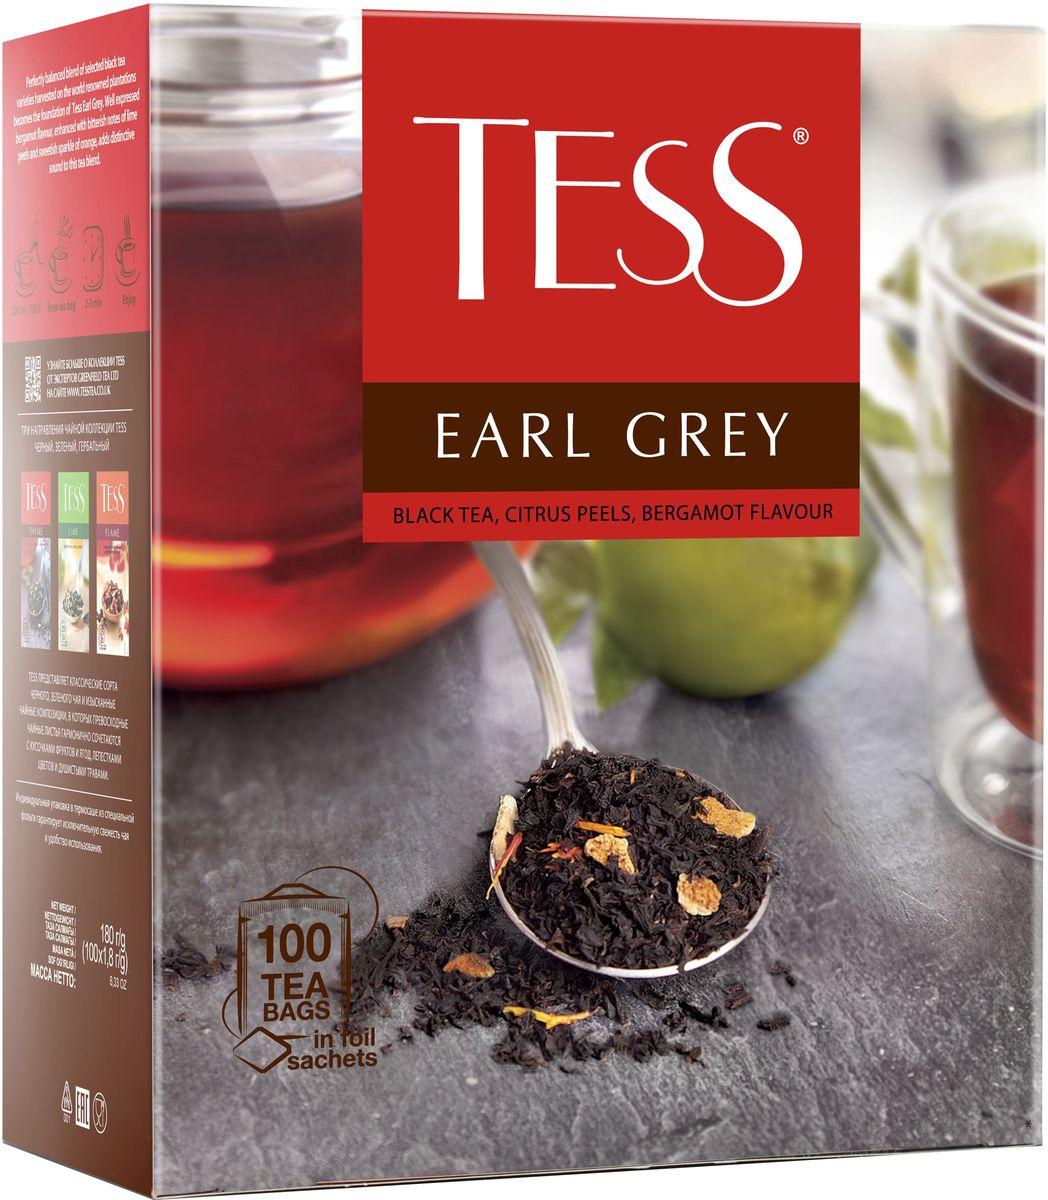 Tess Earl Grey черный чай с цедрой лимона в пакетиках, 100 шт1251-09Тесс Эрл Грей - этот чайный напиток соединяет в себе аромат бергамота и цедру цитрусовых. Вкус этого чая нередко сравнивают с легким морским бризом. И действительно он свежий и воздушный. А нотки цитруса создают прекрасное послевкусие.Всё о чае: сорта, факты, советы по выбору и употреблению. Статья OZON Гид